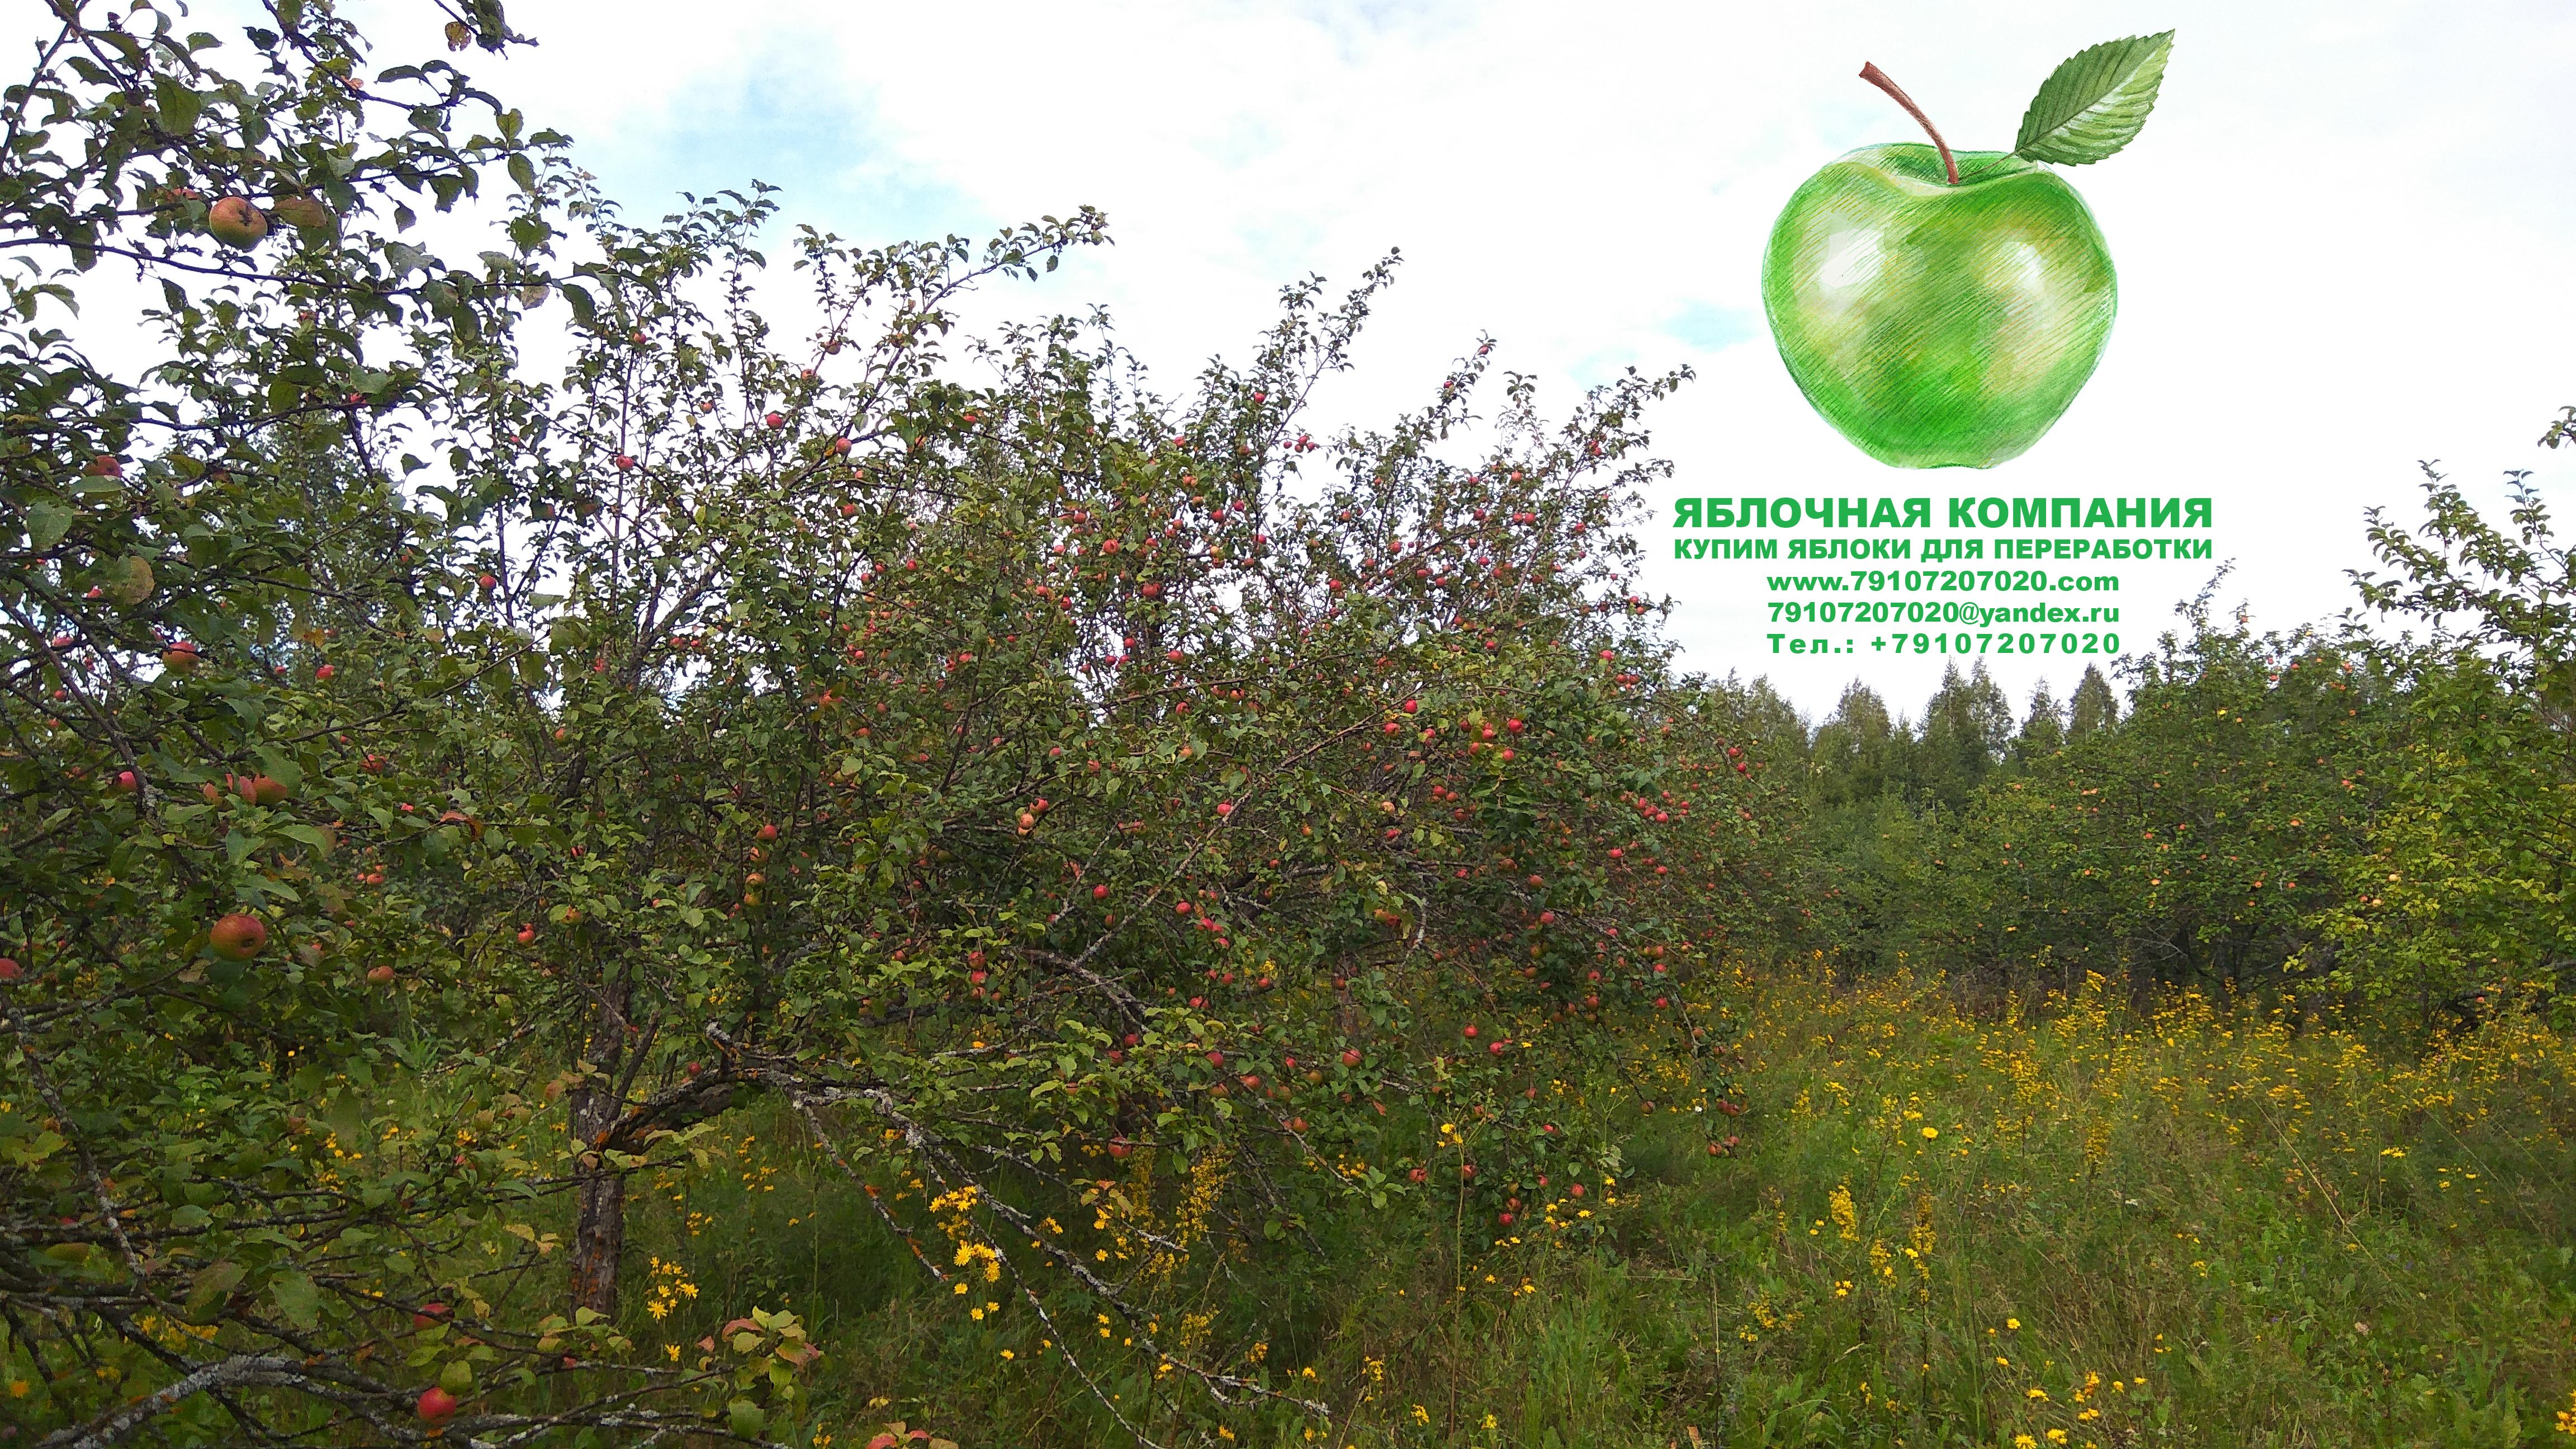 Яблочная Компания. Покупаем яблоки для промышленной переработки. www.79107207020.com, +79107207020,